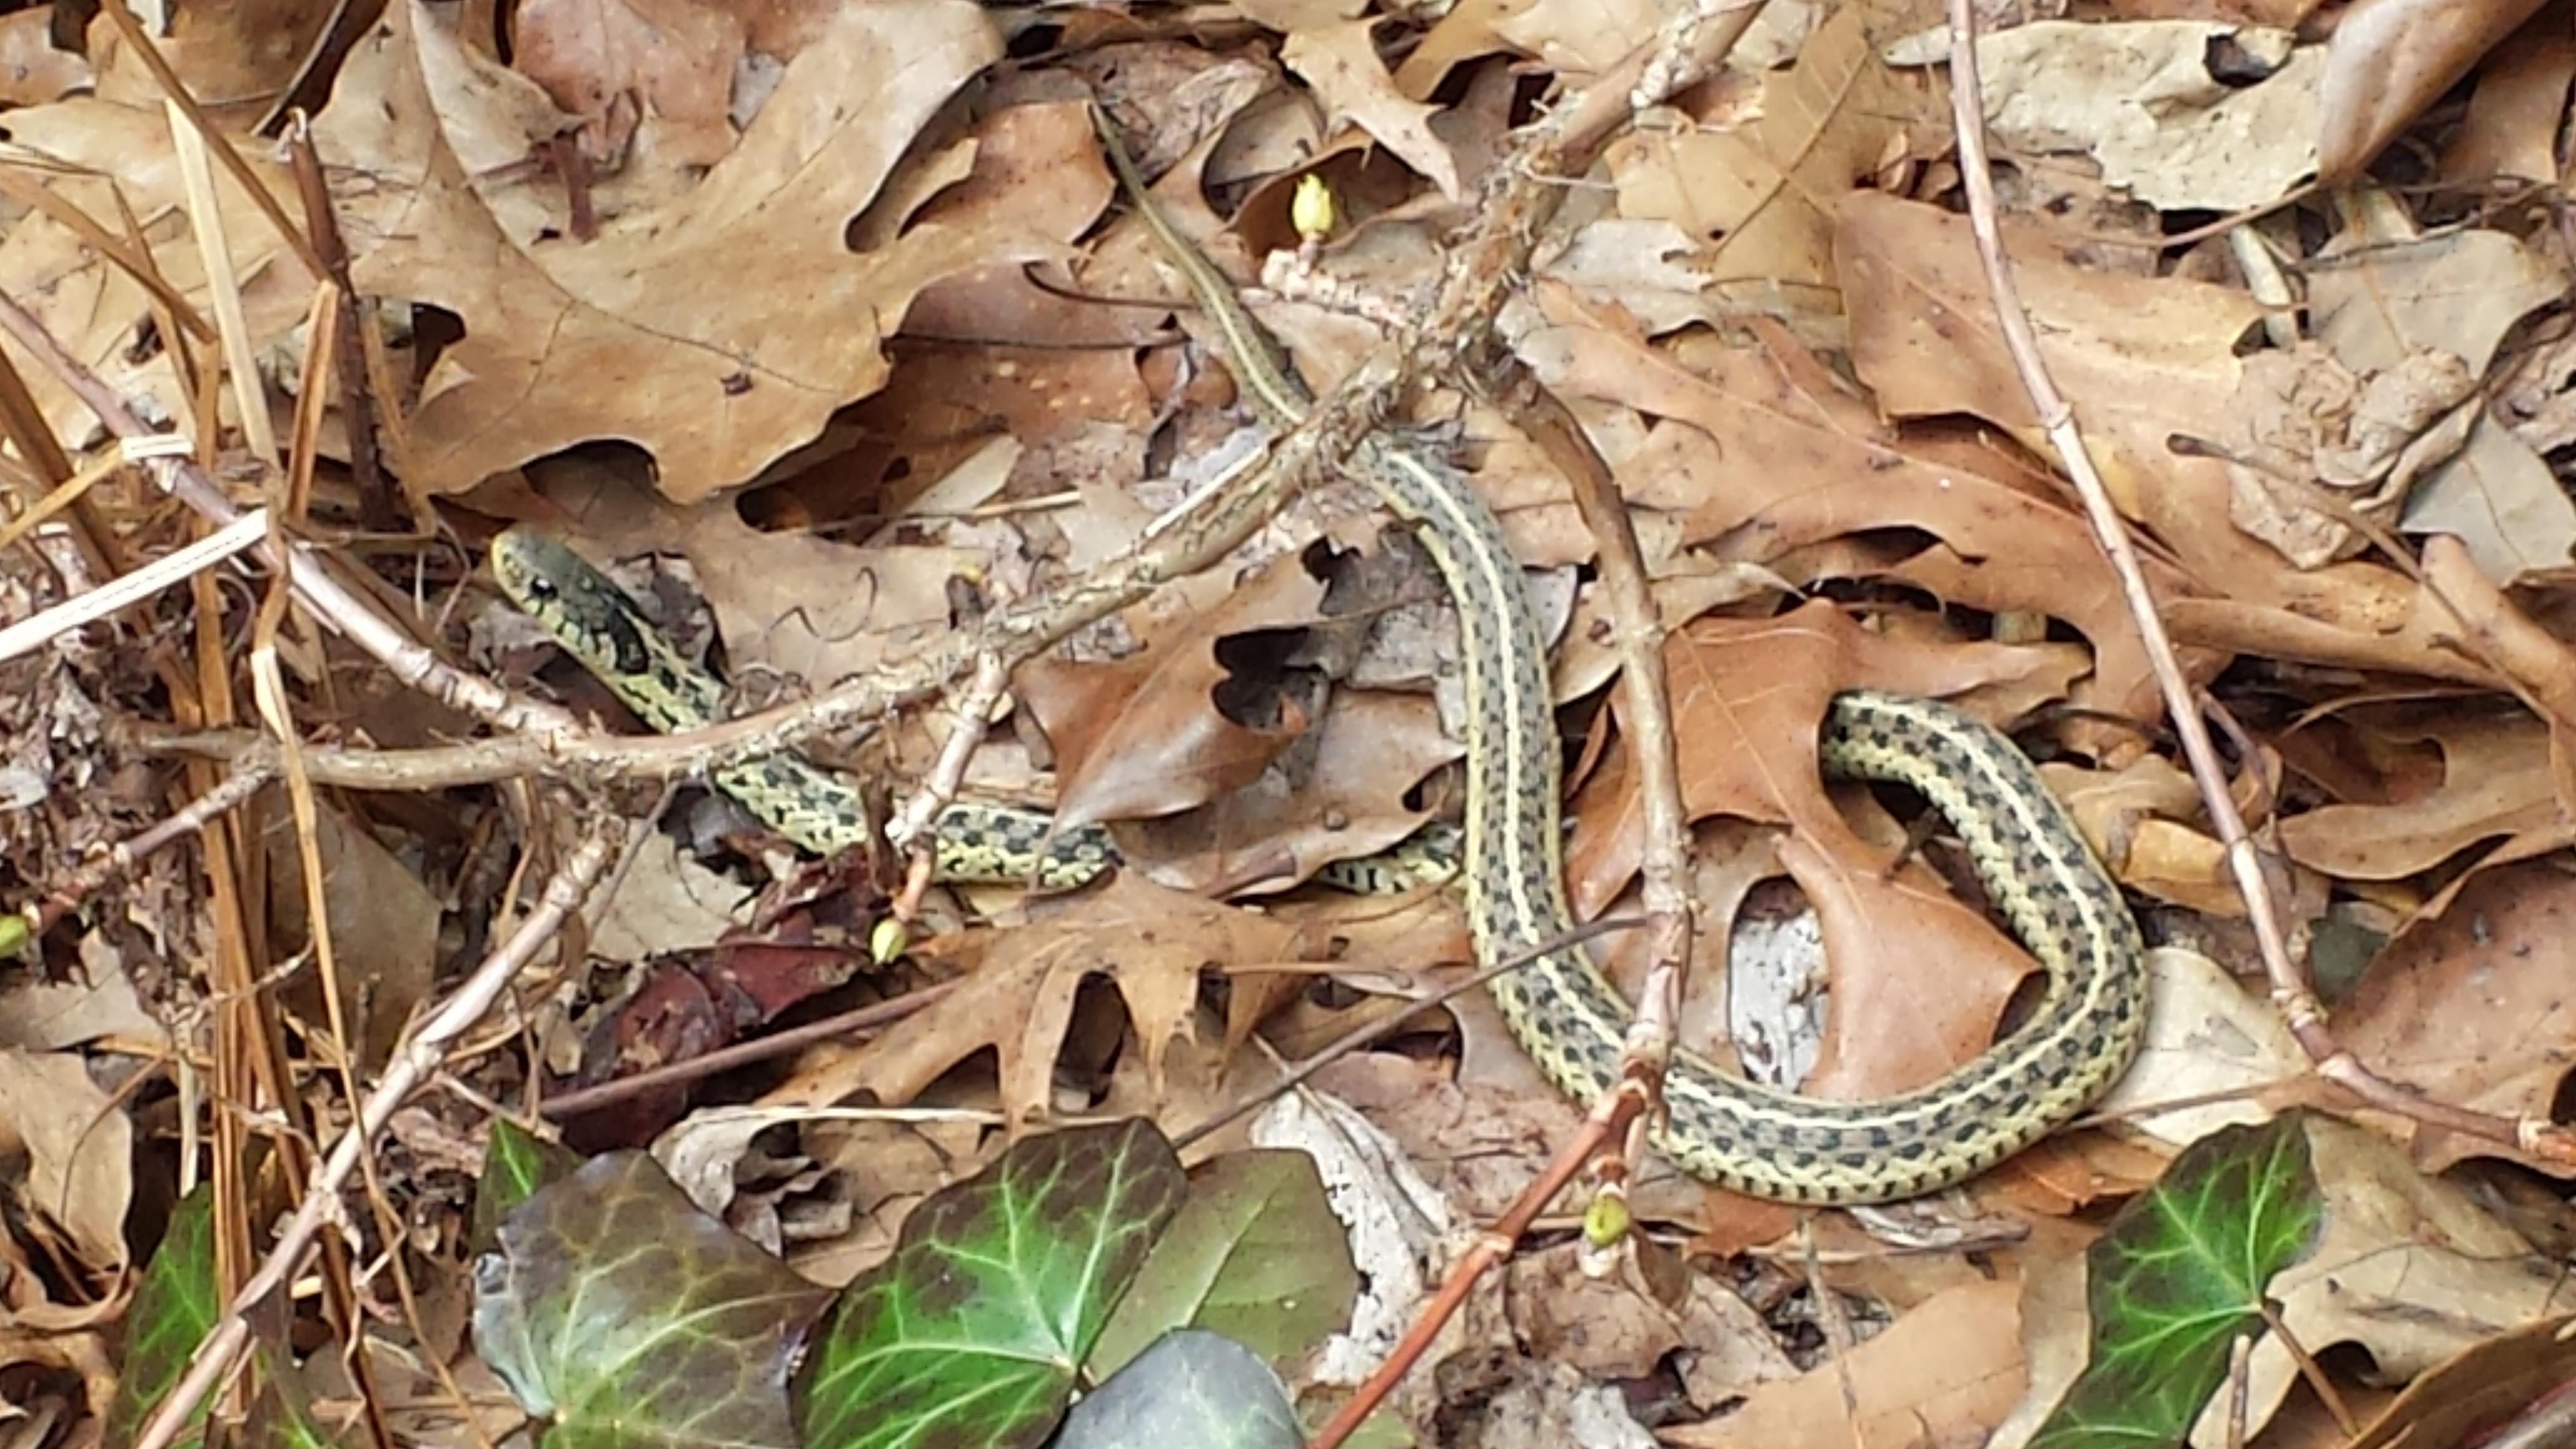 Friendly garter snake in the leaves